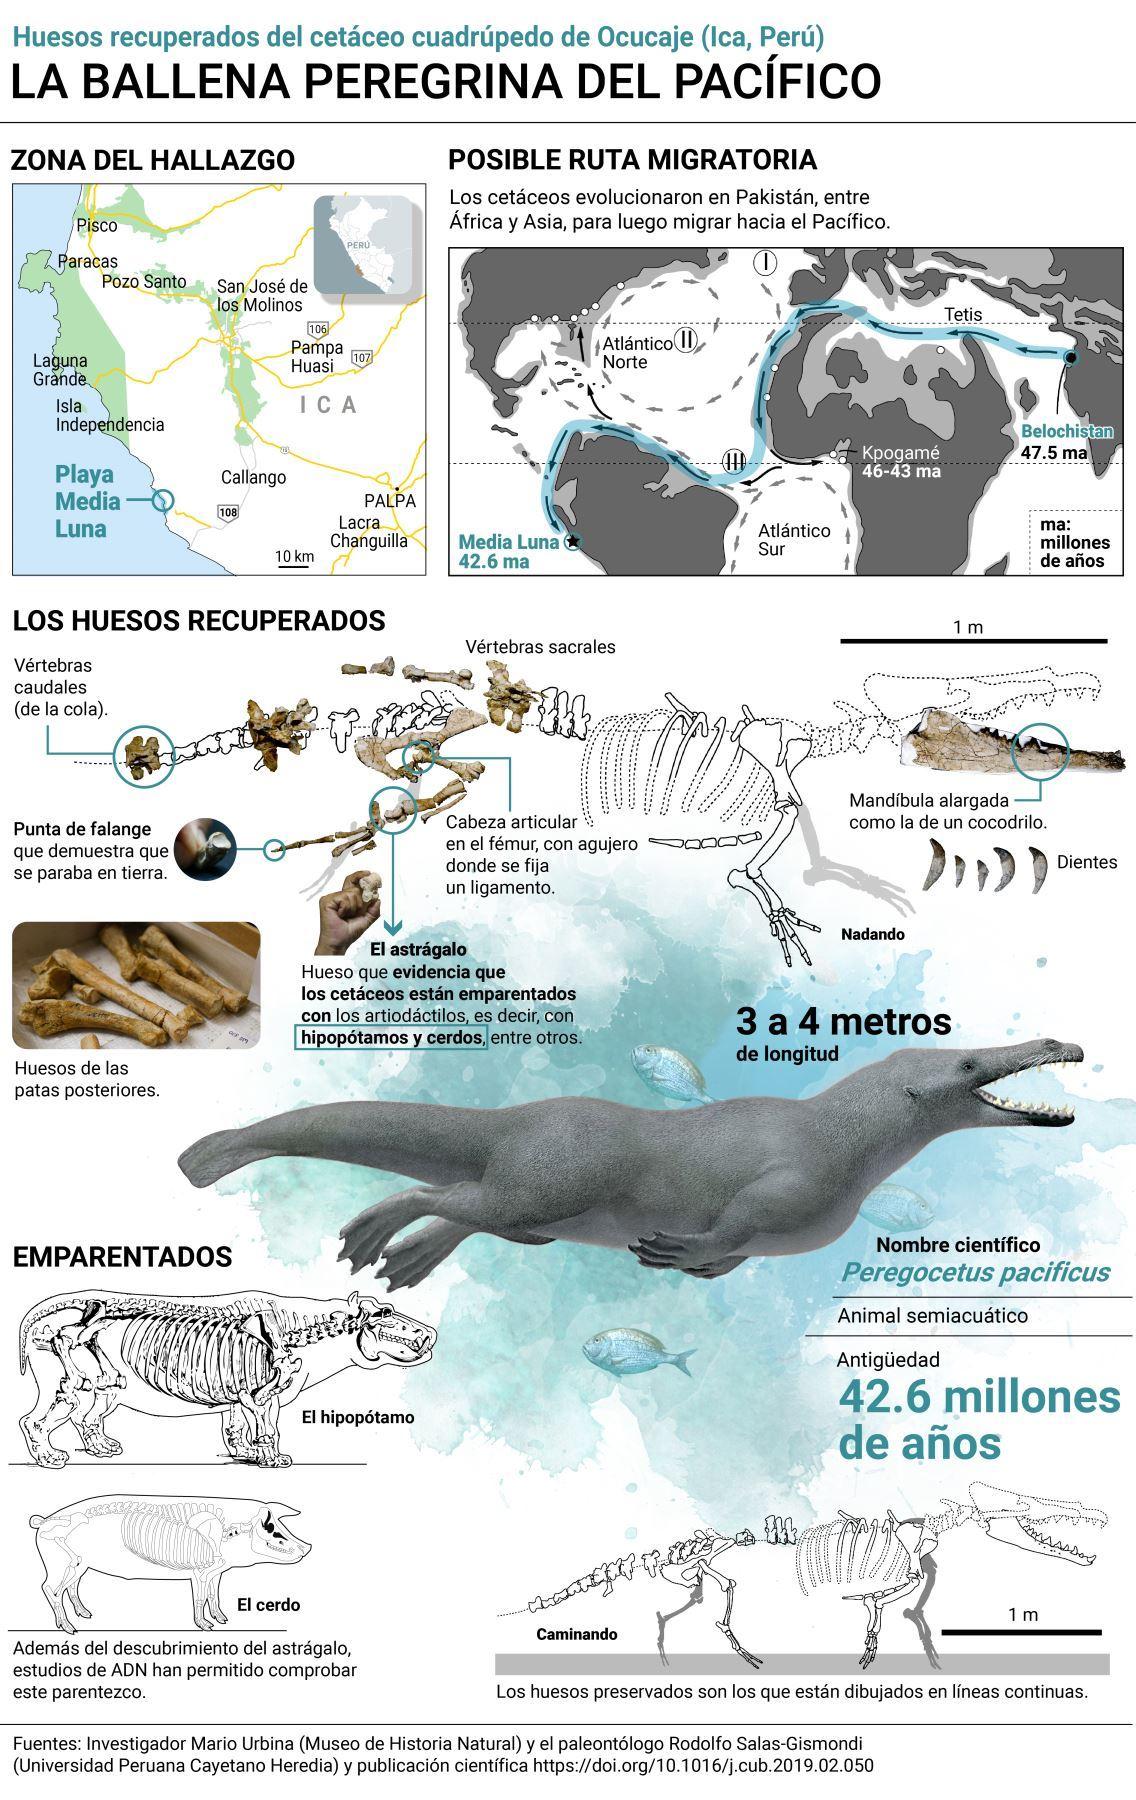 En esta infografía se puede apreciar la posible ruta que siguió la ballena de cuatro patas para llegar al Pacífico, así como los huesos que se recuperaron.